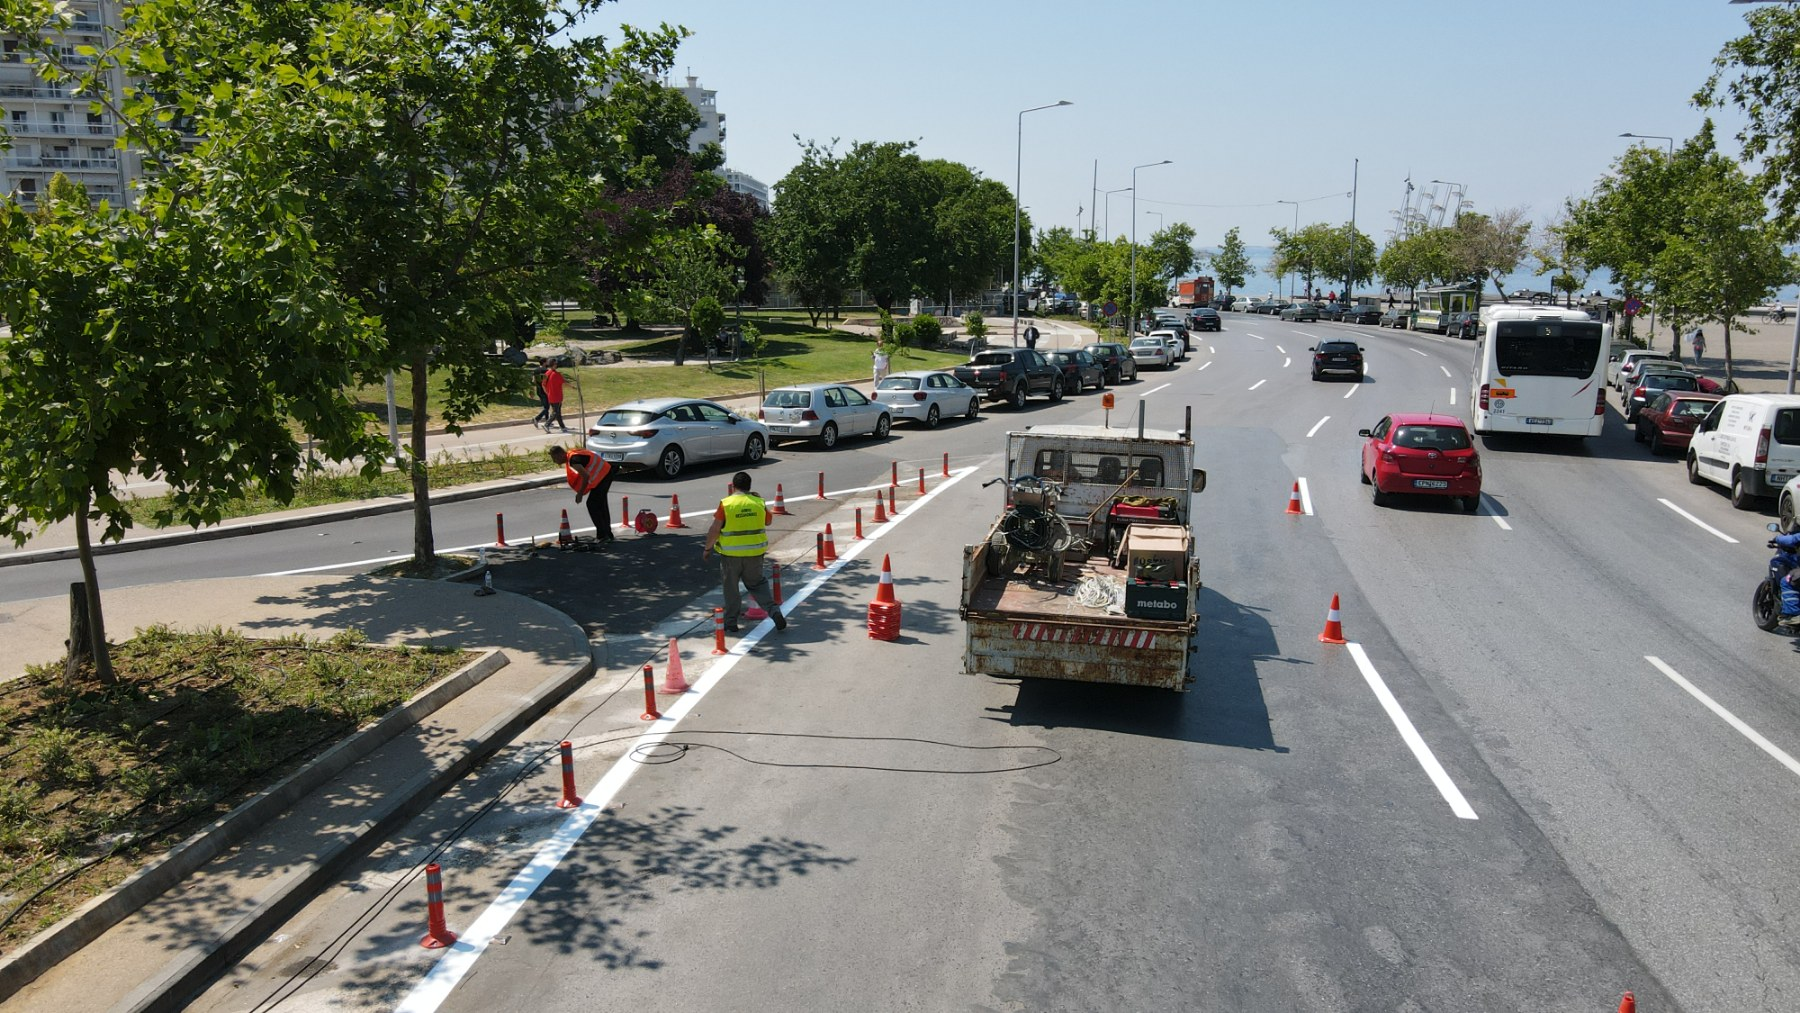 Δ. Θεσσαλονίκης: Νέες διαγραμμίσεις σε κεντρικούς δρόμους της πόλης – Επιθεώρηση Ζέρβα (φωτο & video)